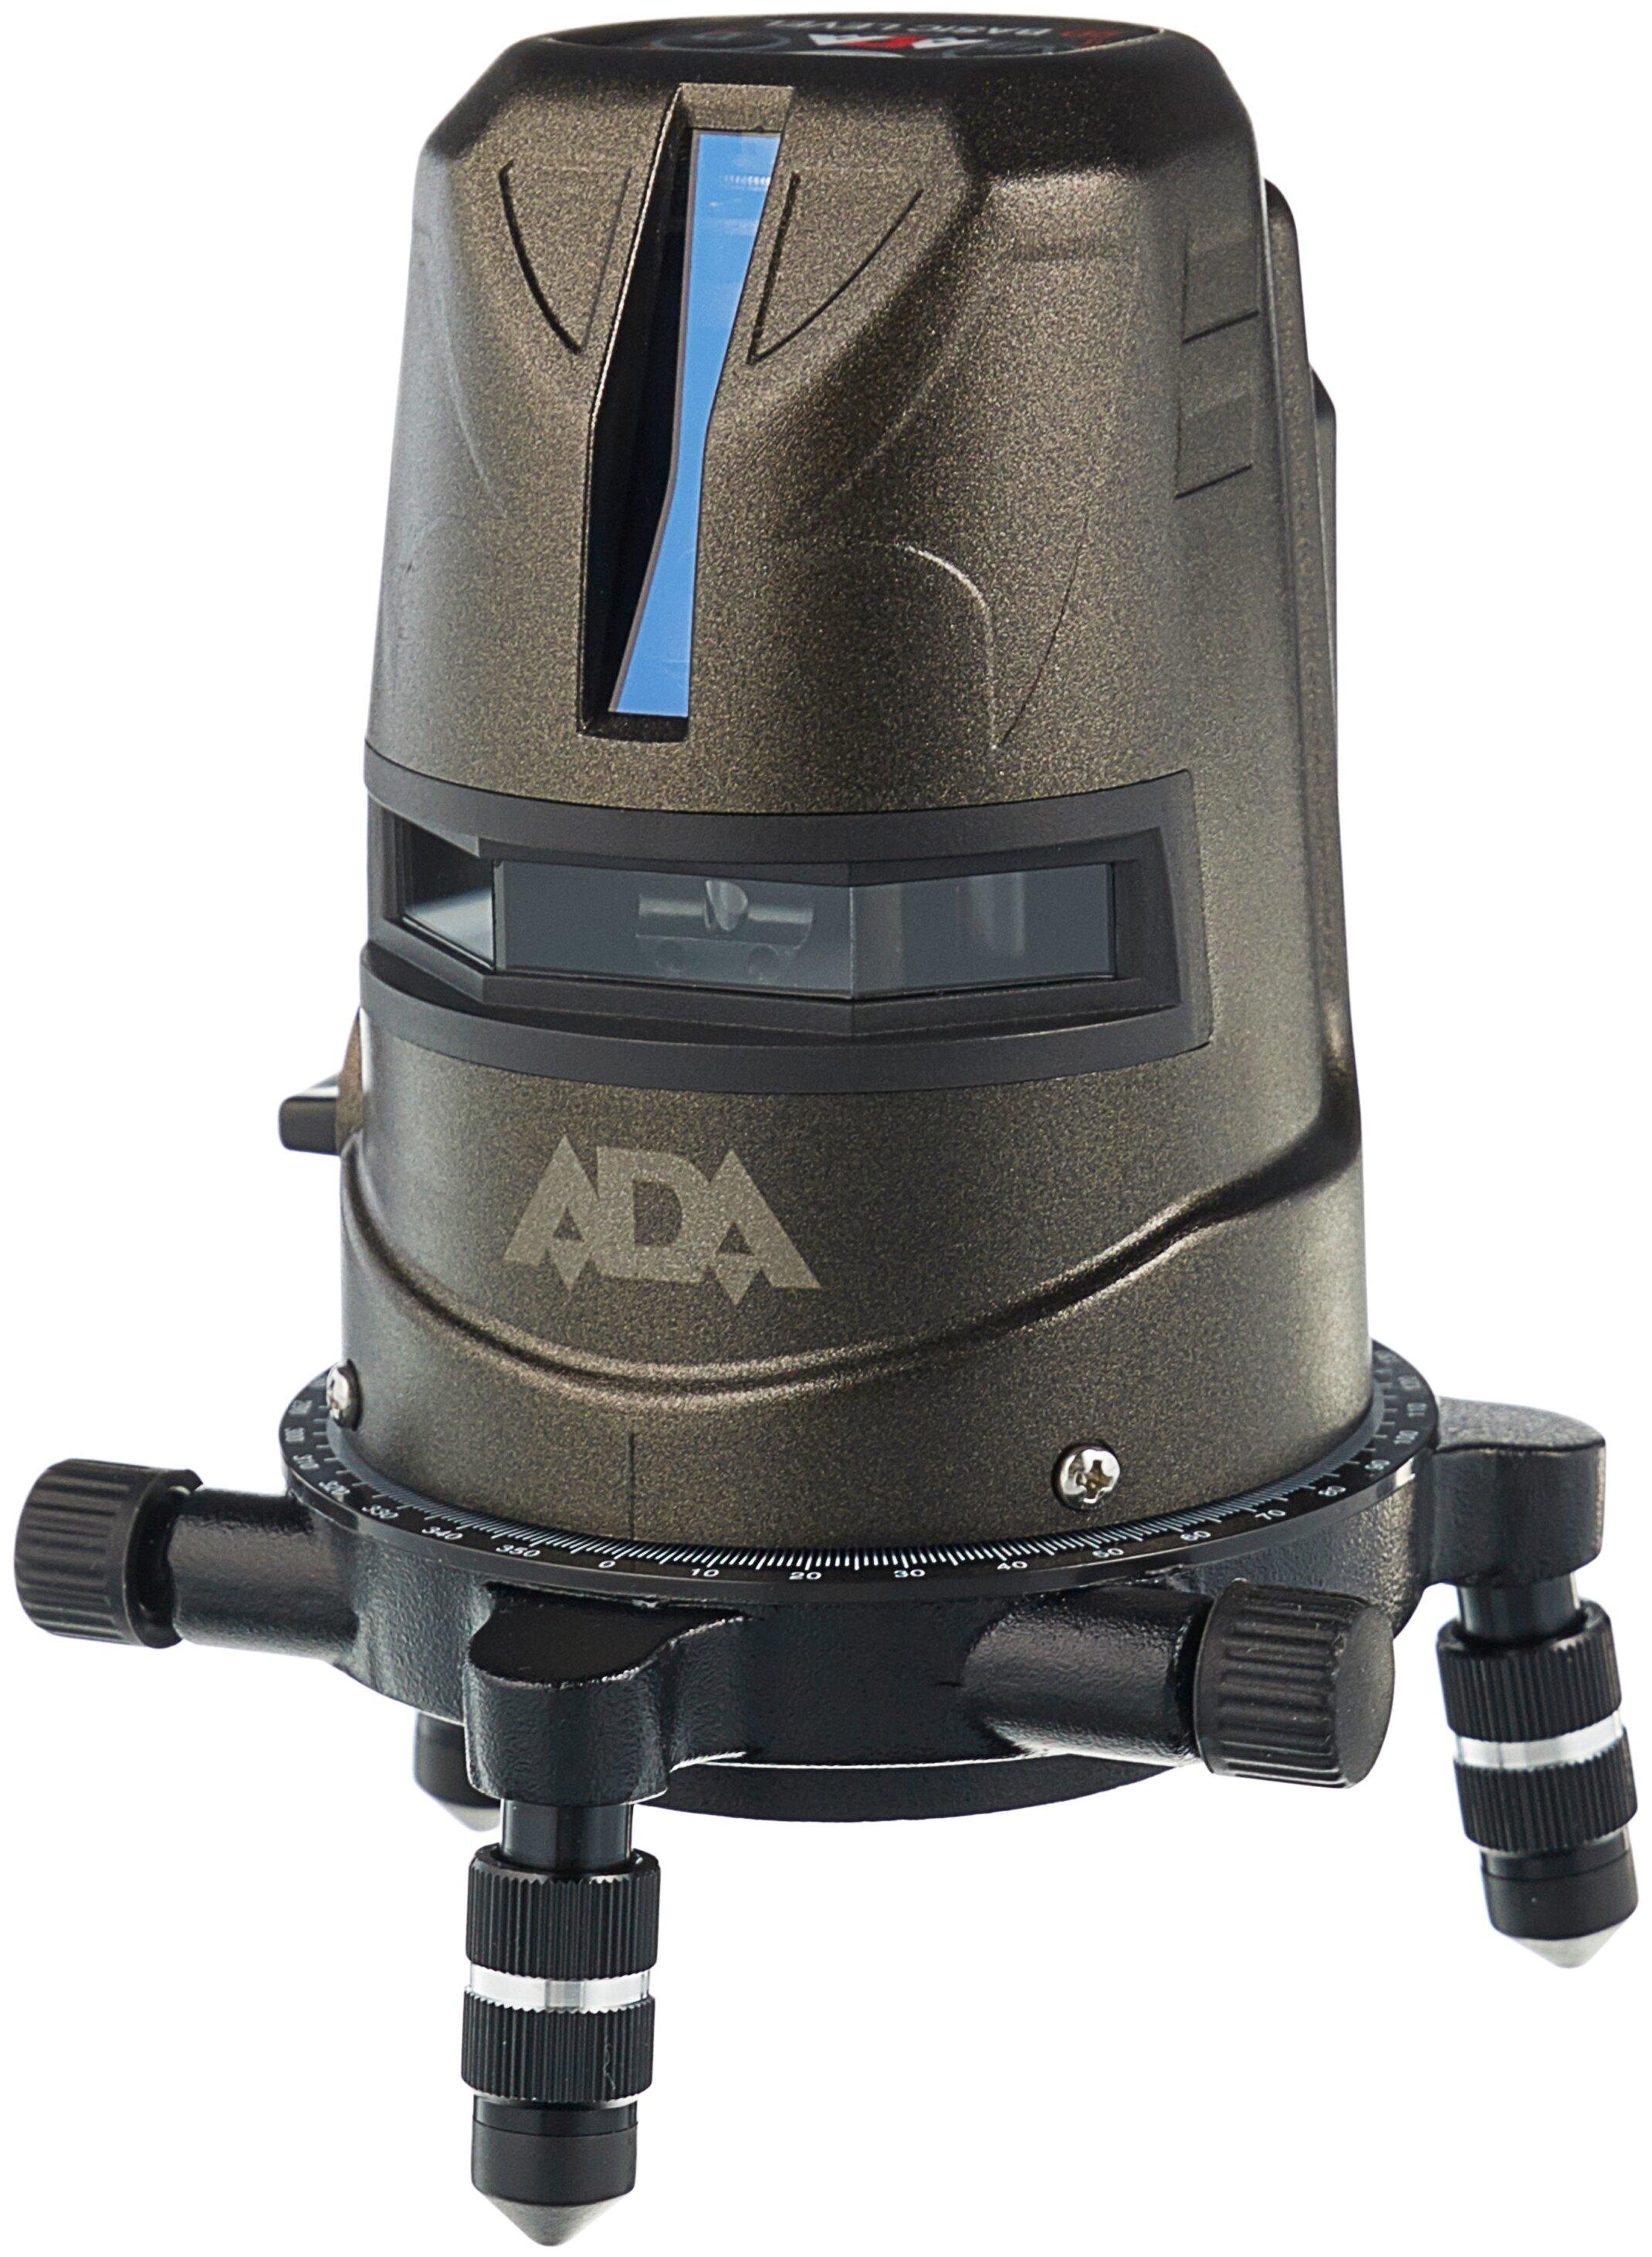 Лазерный уровень ADA instruments 2D Basic Level (А00239) — купить по выгодной цене на Яндекс.Маркете